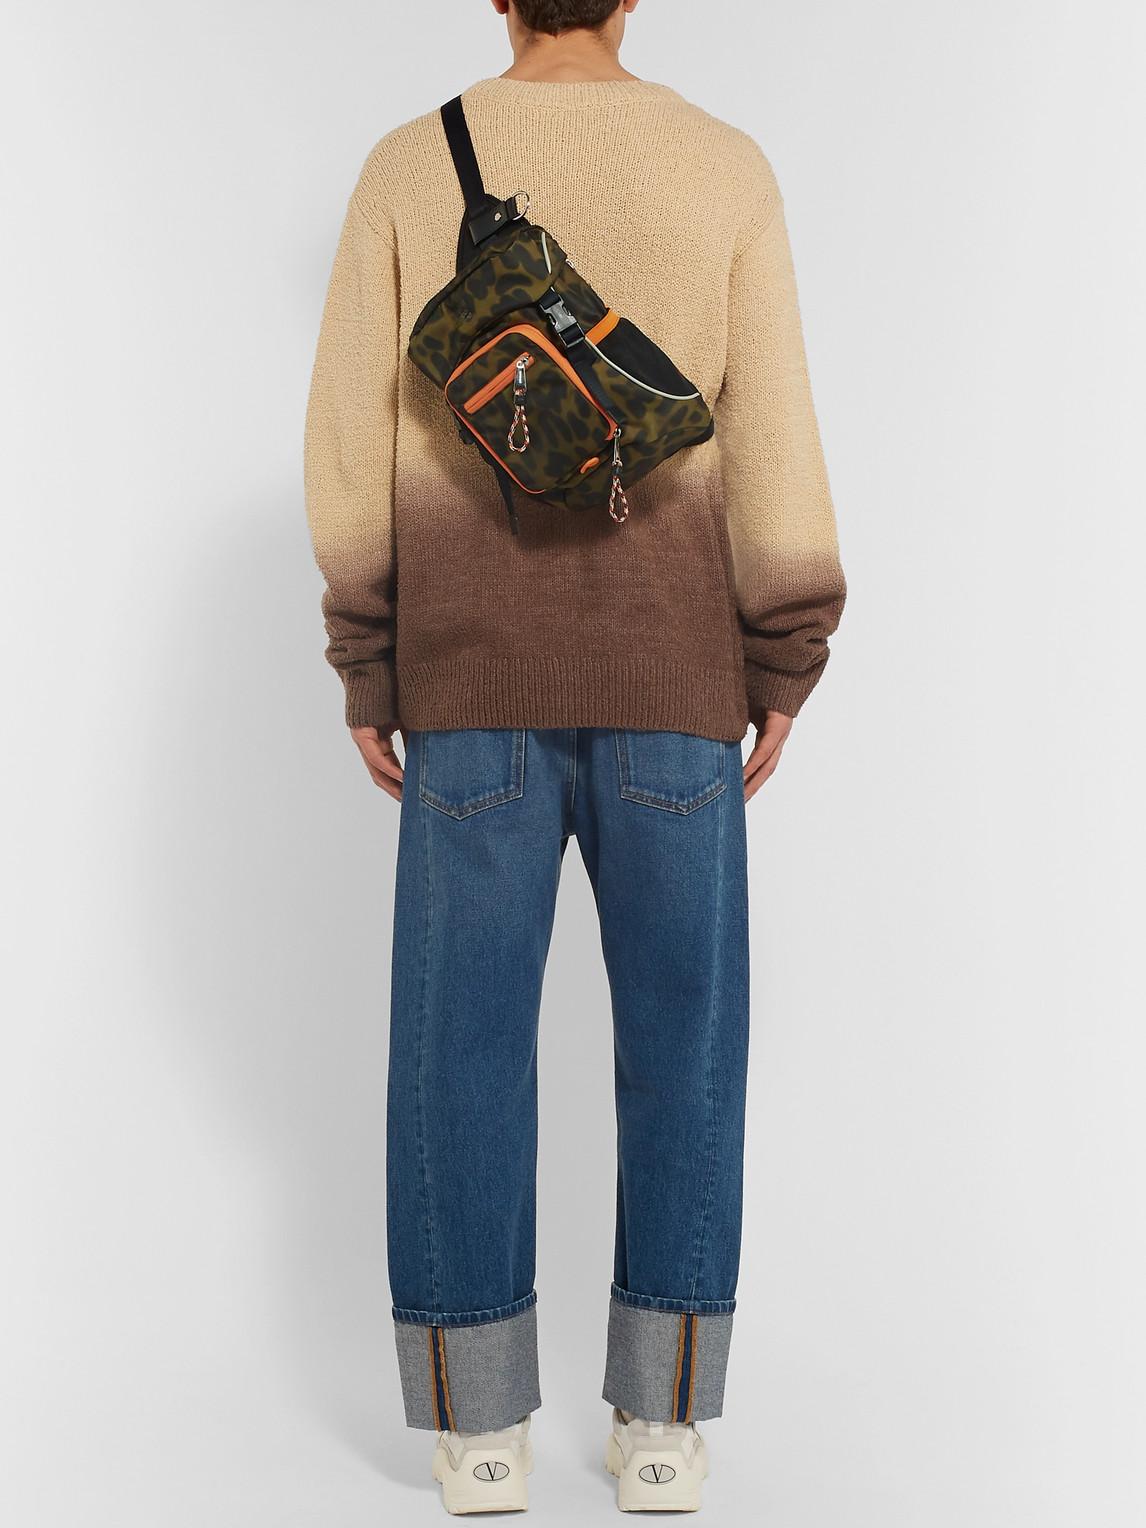 Burberry Backpacks ANIMAL-PRINT NYLON CROSS-BODY BACKPACK